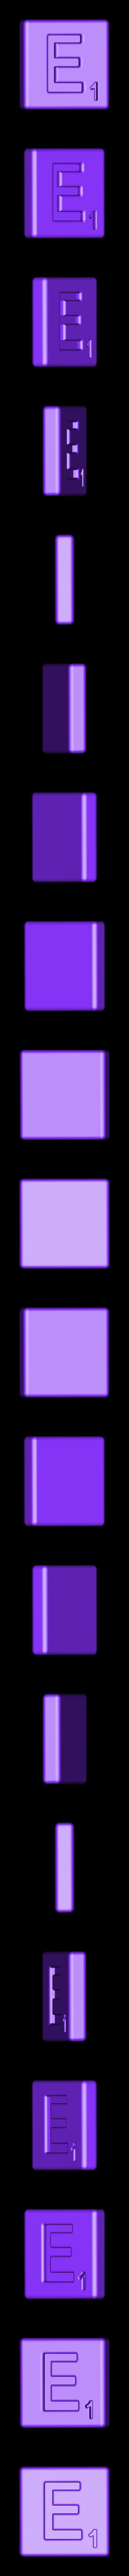 Single_Cut_E.STL Télécharger fichier STL gratuit Pièces et support SCRABBBLE • Design pour imprimante 3D, Balkhagal4D